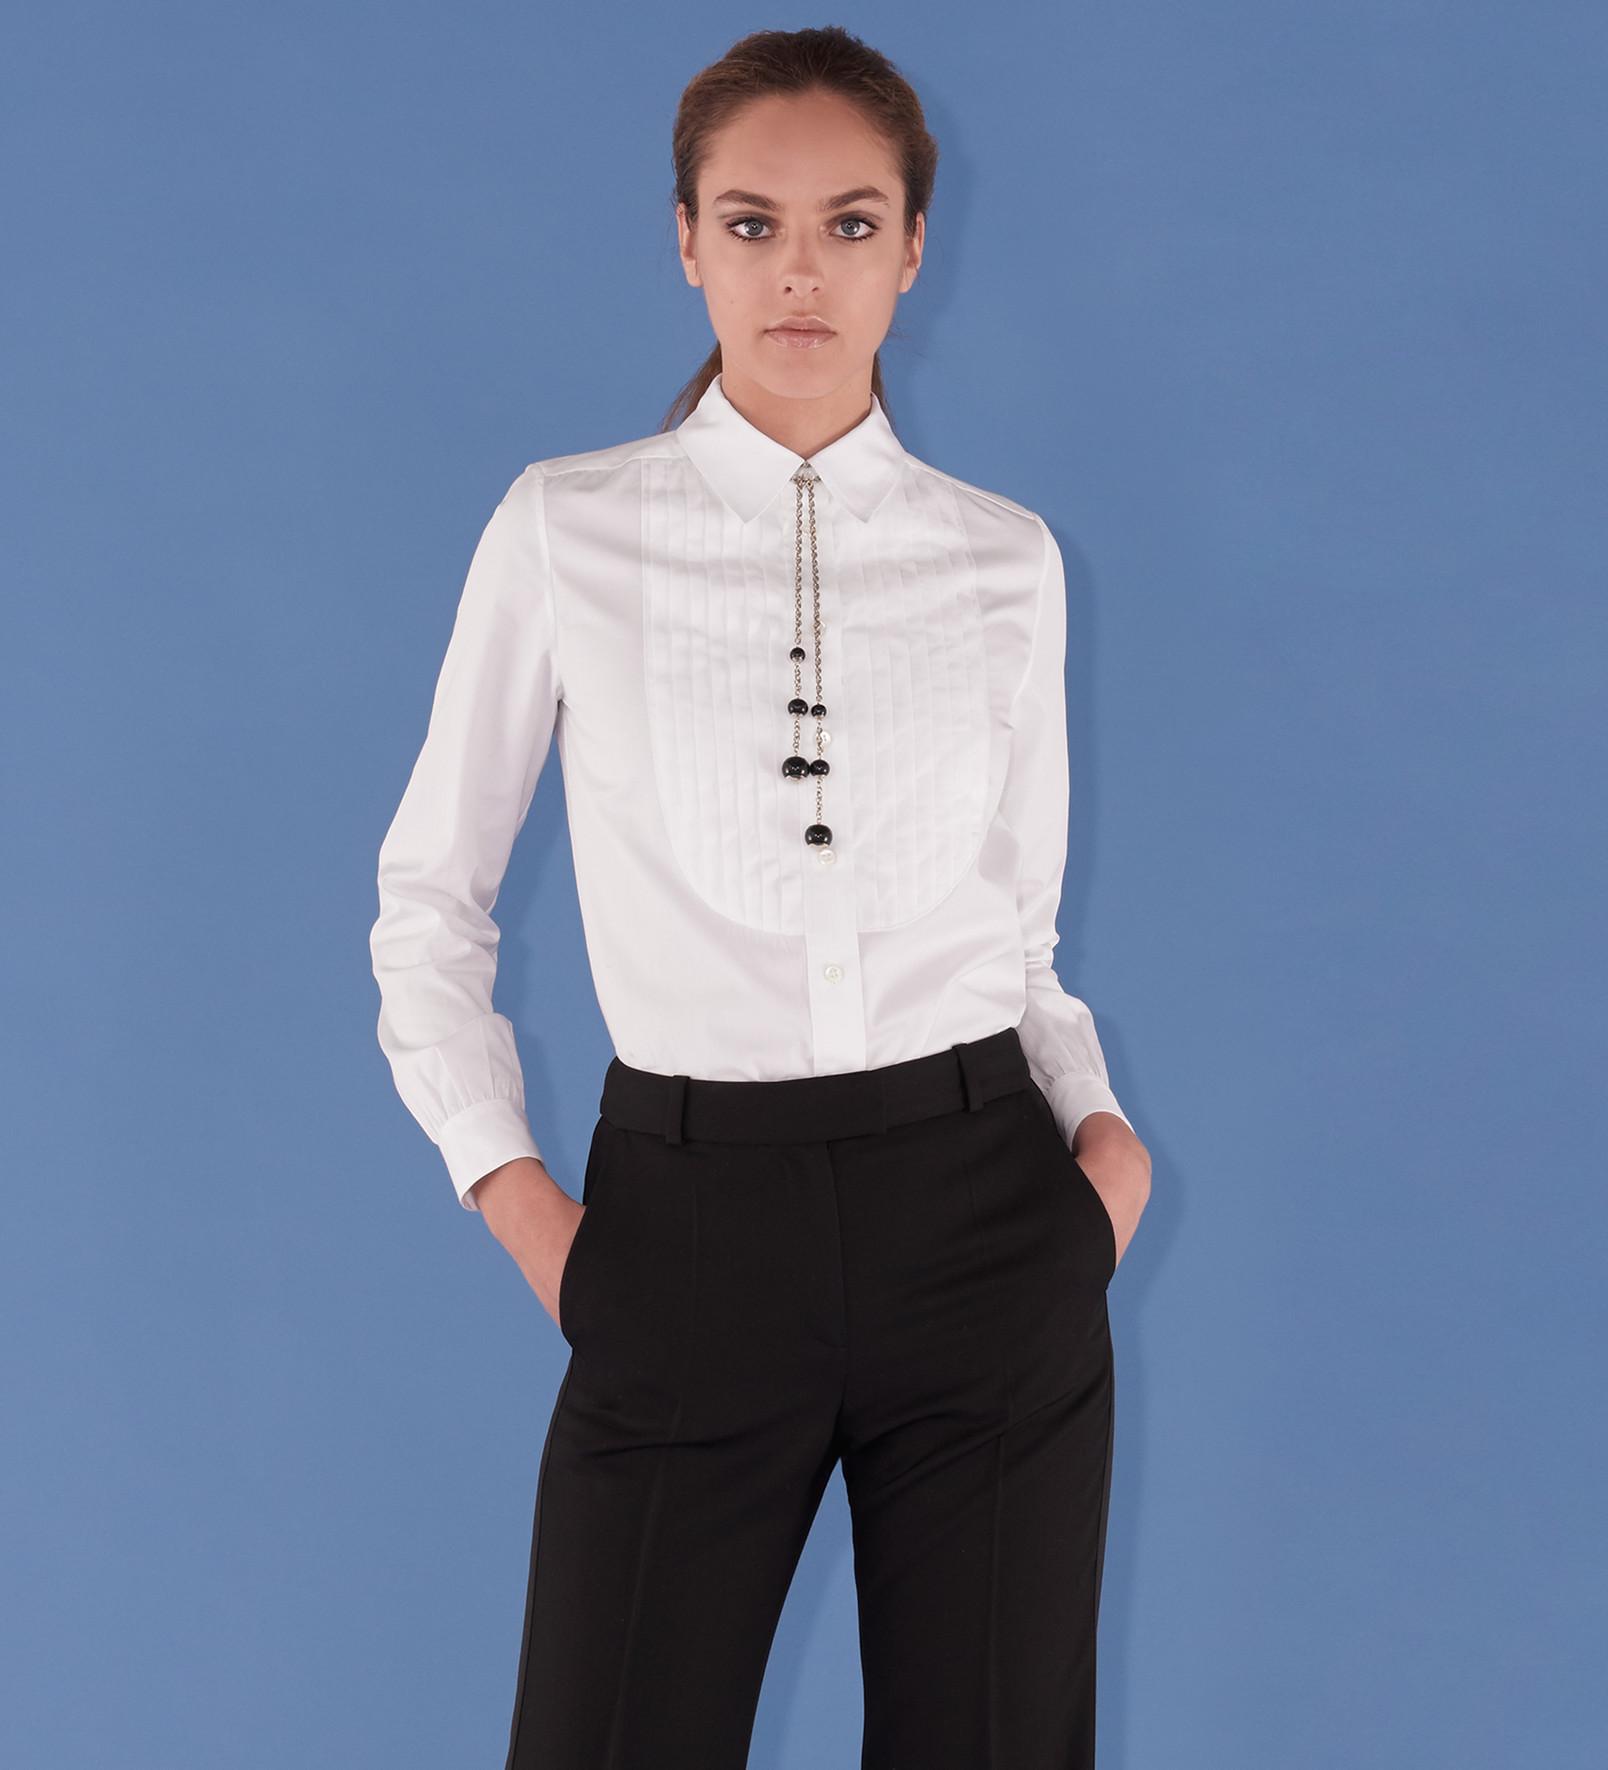 Женские Блузки Из Хлопка Купить